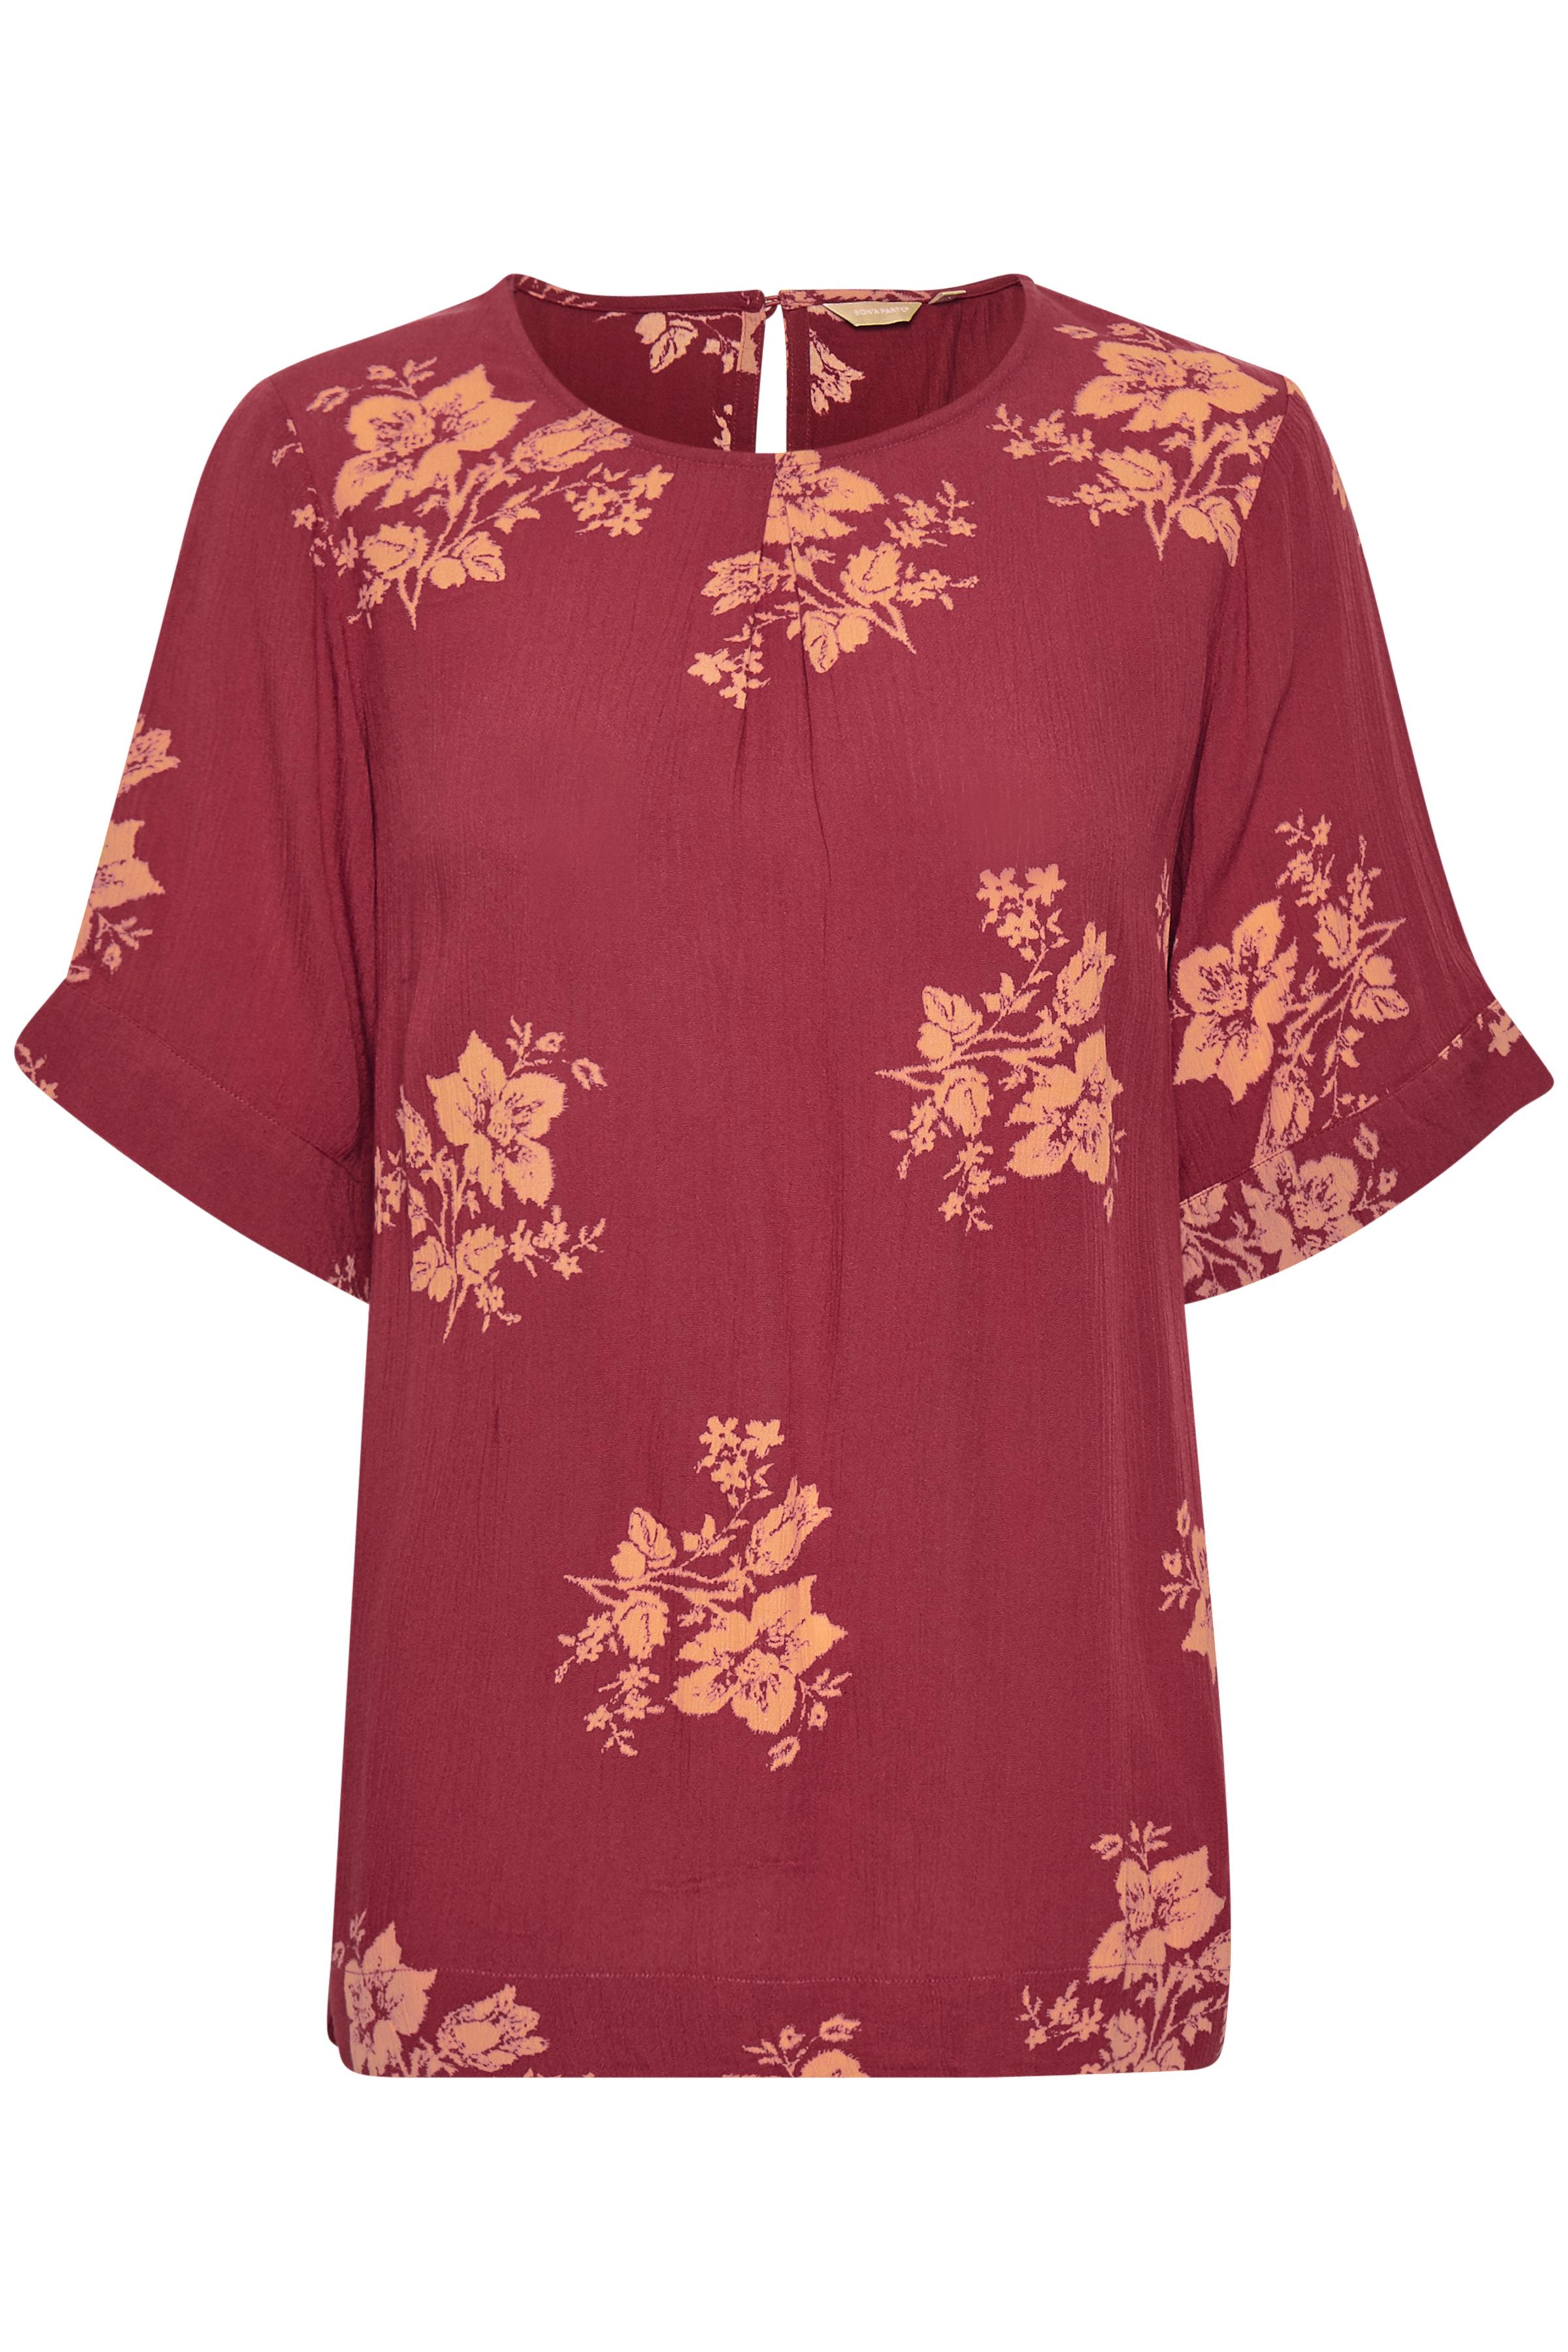 Image of BonA Parte Dame BONA PARTE bluse med rund hals. 3/4-ærmer. Slids i nakke med knap. Blusen - Mørk rosa/orange